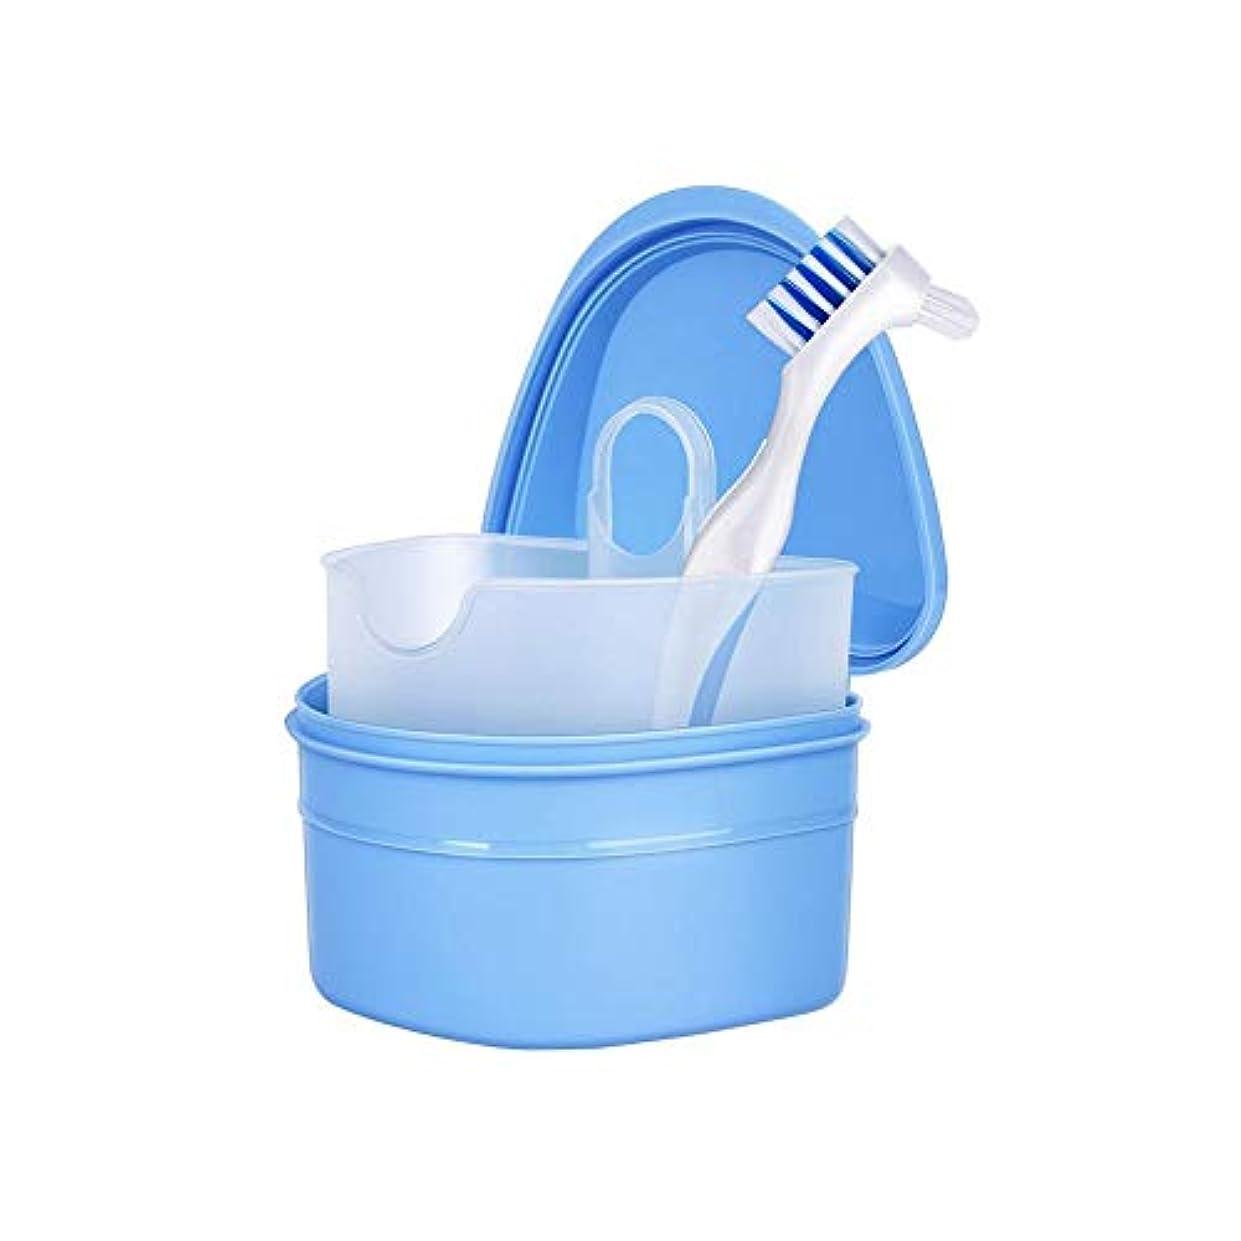 嫌がらせ補助金節約する入れ歯ケース 入れ歯収納 ブラシ付 義歯箱 リテーナーボックス 防水 軽量 ミニ 携帯用 家庭 旅行 出張 義歯収納容器